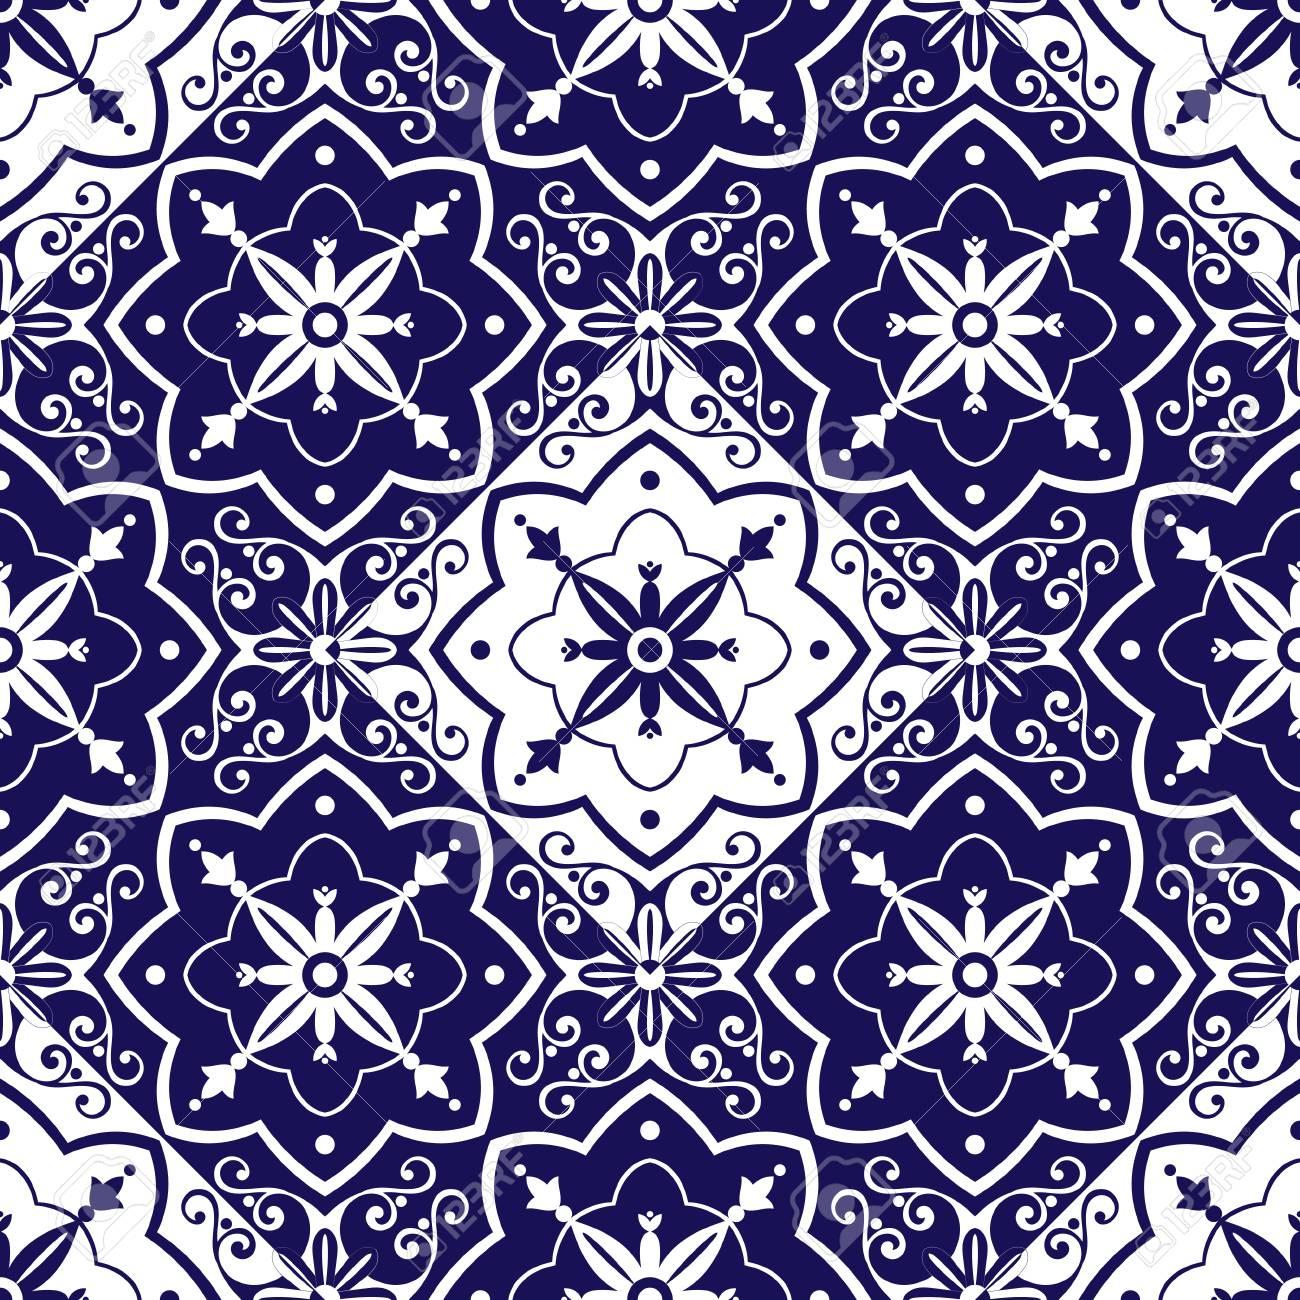 Carrelage Vecteur De Motif Avec Des Ornements Diagonaux Bleu Et Blanc D Echecs Portugais Azulejo Mexicain Espagnol Arabe Ou Marocain Fond En